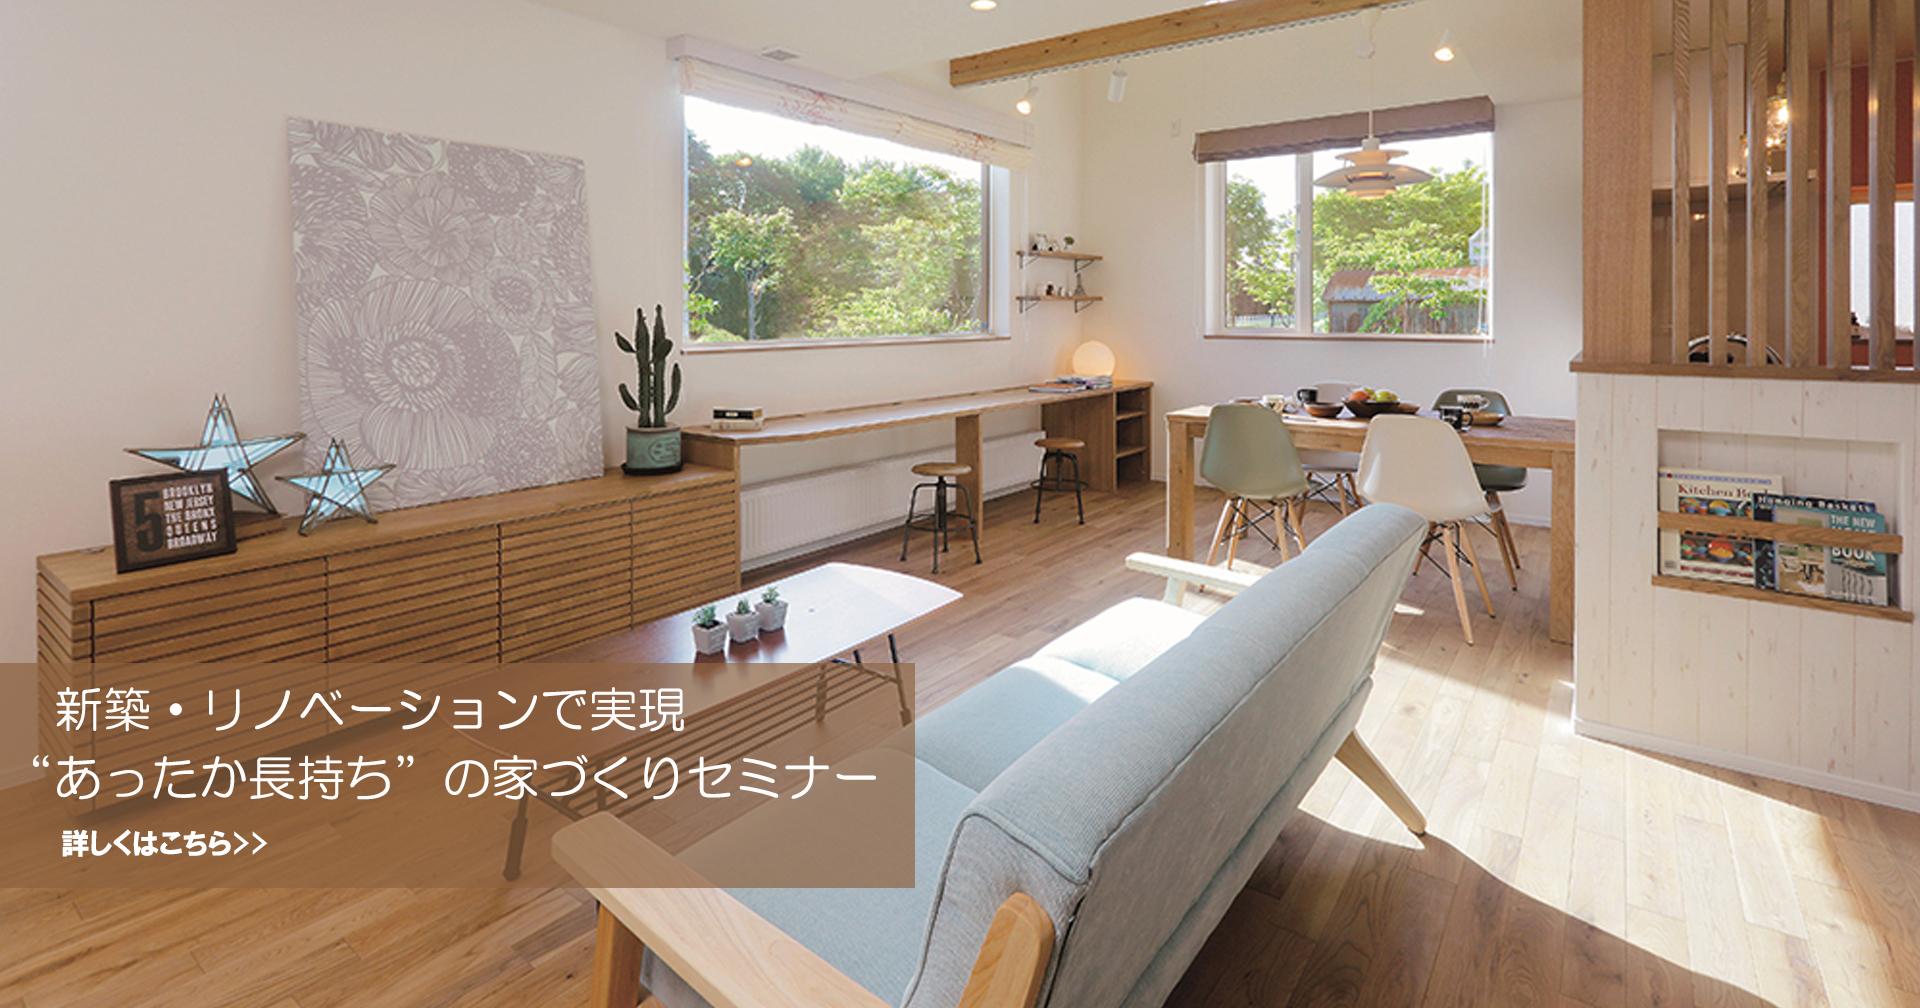 """ご好評につき第2弾 開催決定)新築・リノベーションで実現する""""あったか長持ち""""家のづくりセミナー 札幌市厚別区 リノベーションモデルハウスで開催"""